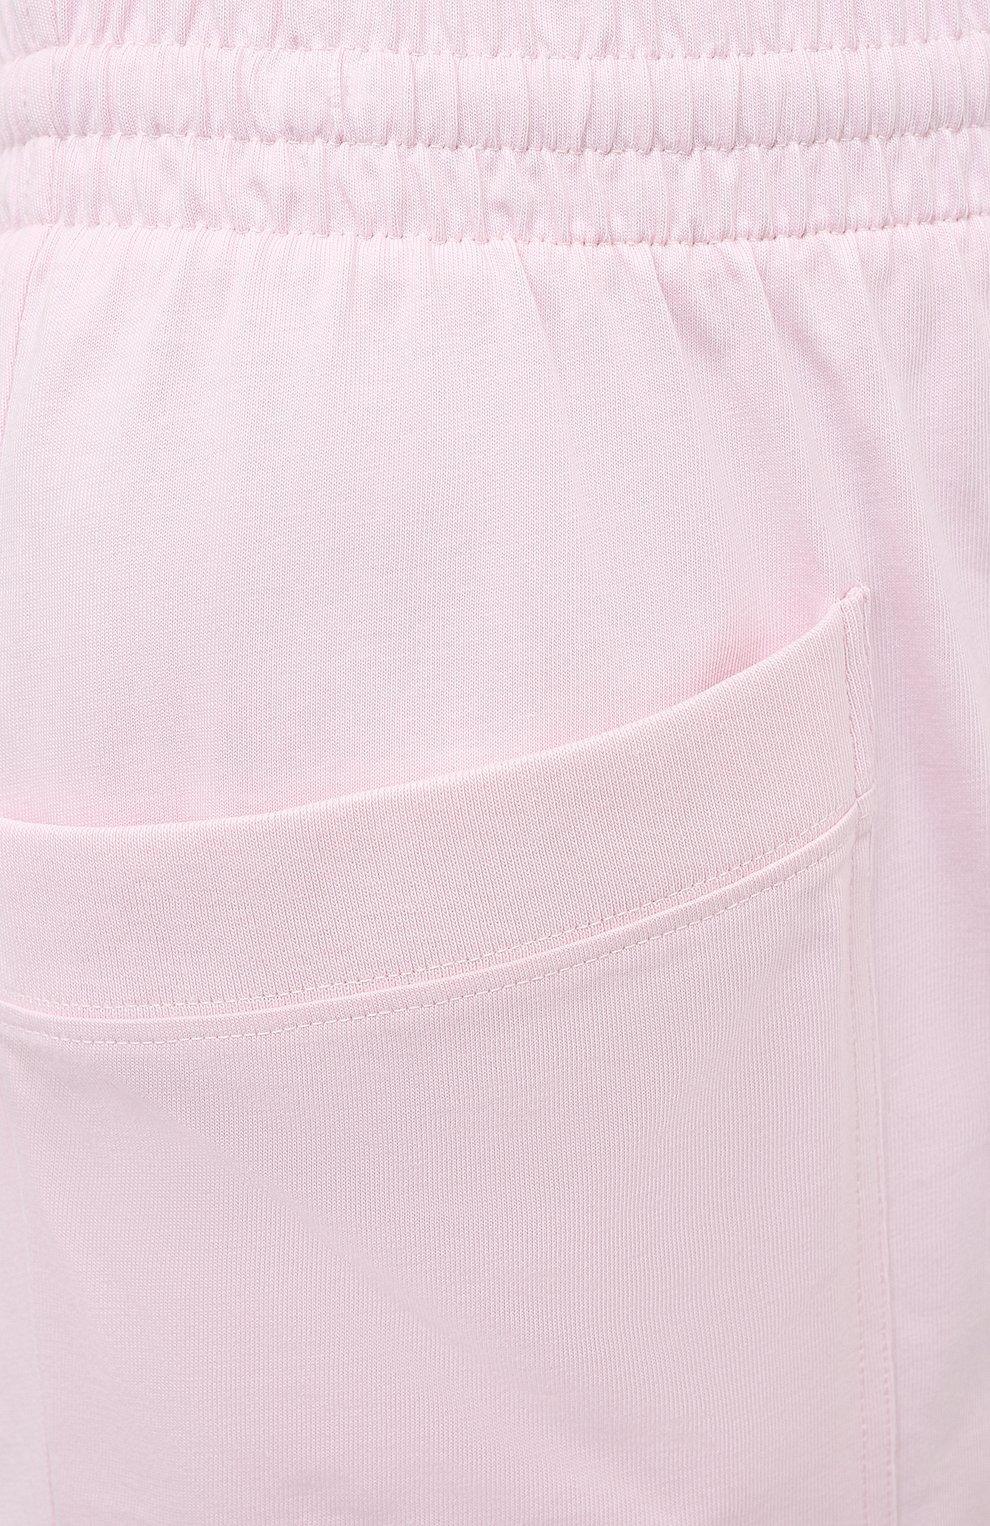 Женские хлопковые шорты DRIES VAN NOTEN светло-розового цвета, арт. 211-11120-2603 | Фото 5 (Женское Кросс-КТ: Шорты-одежда; Длина Ж (юбки, платья, шорты): Мини; Материал внешний: Хлопок; Стили: Спорт-шик; Материал подклада: Хлопок)